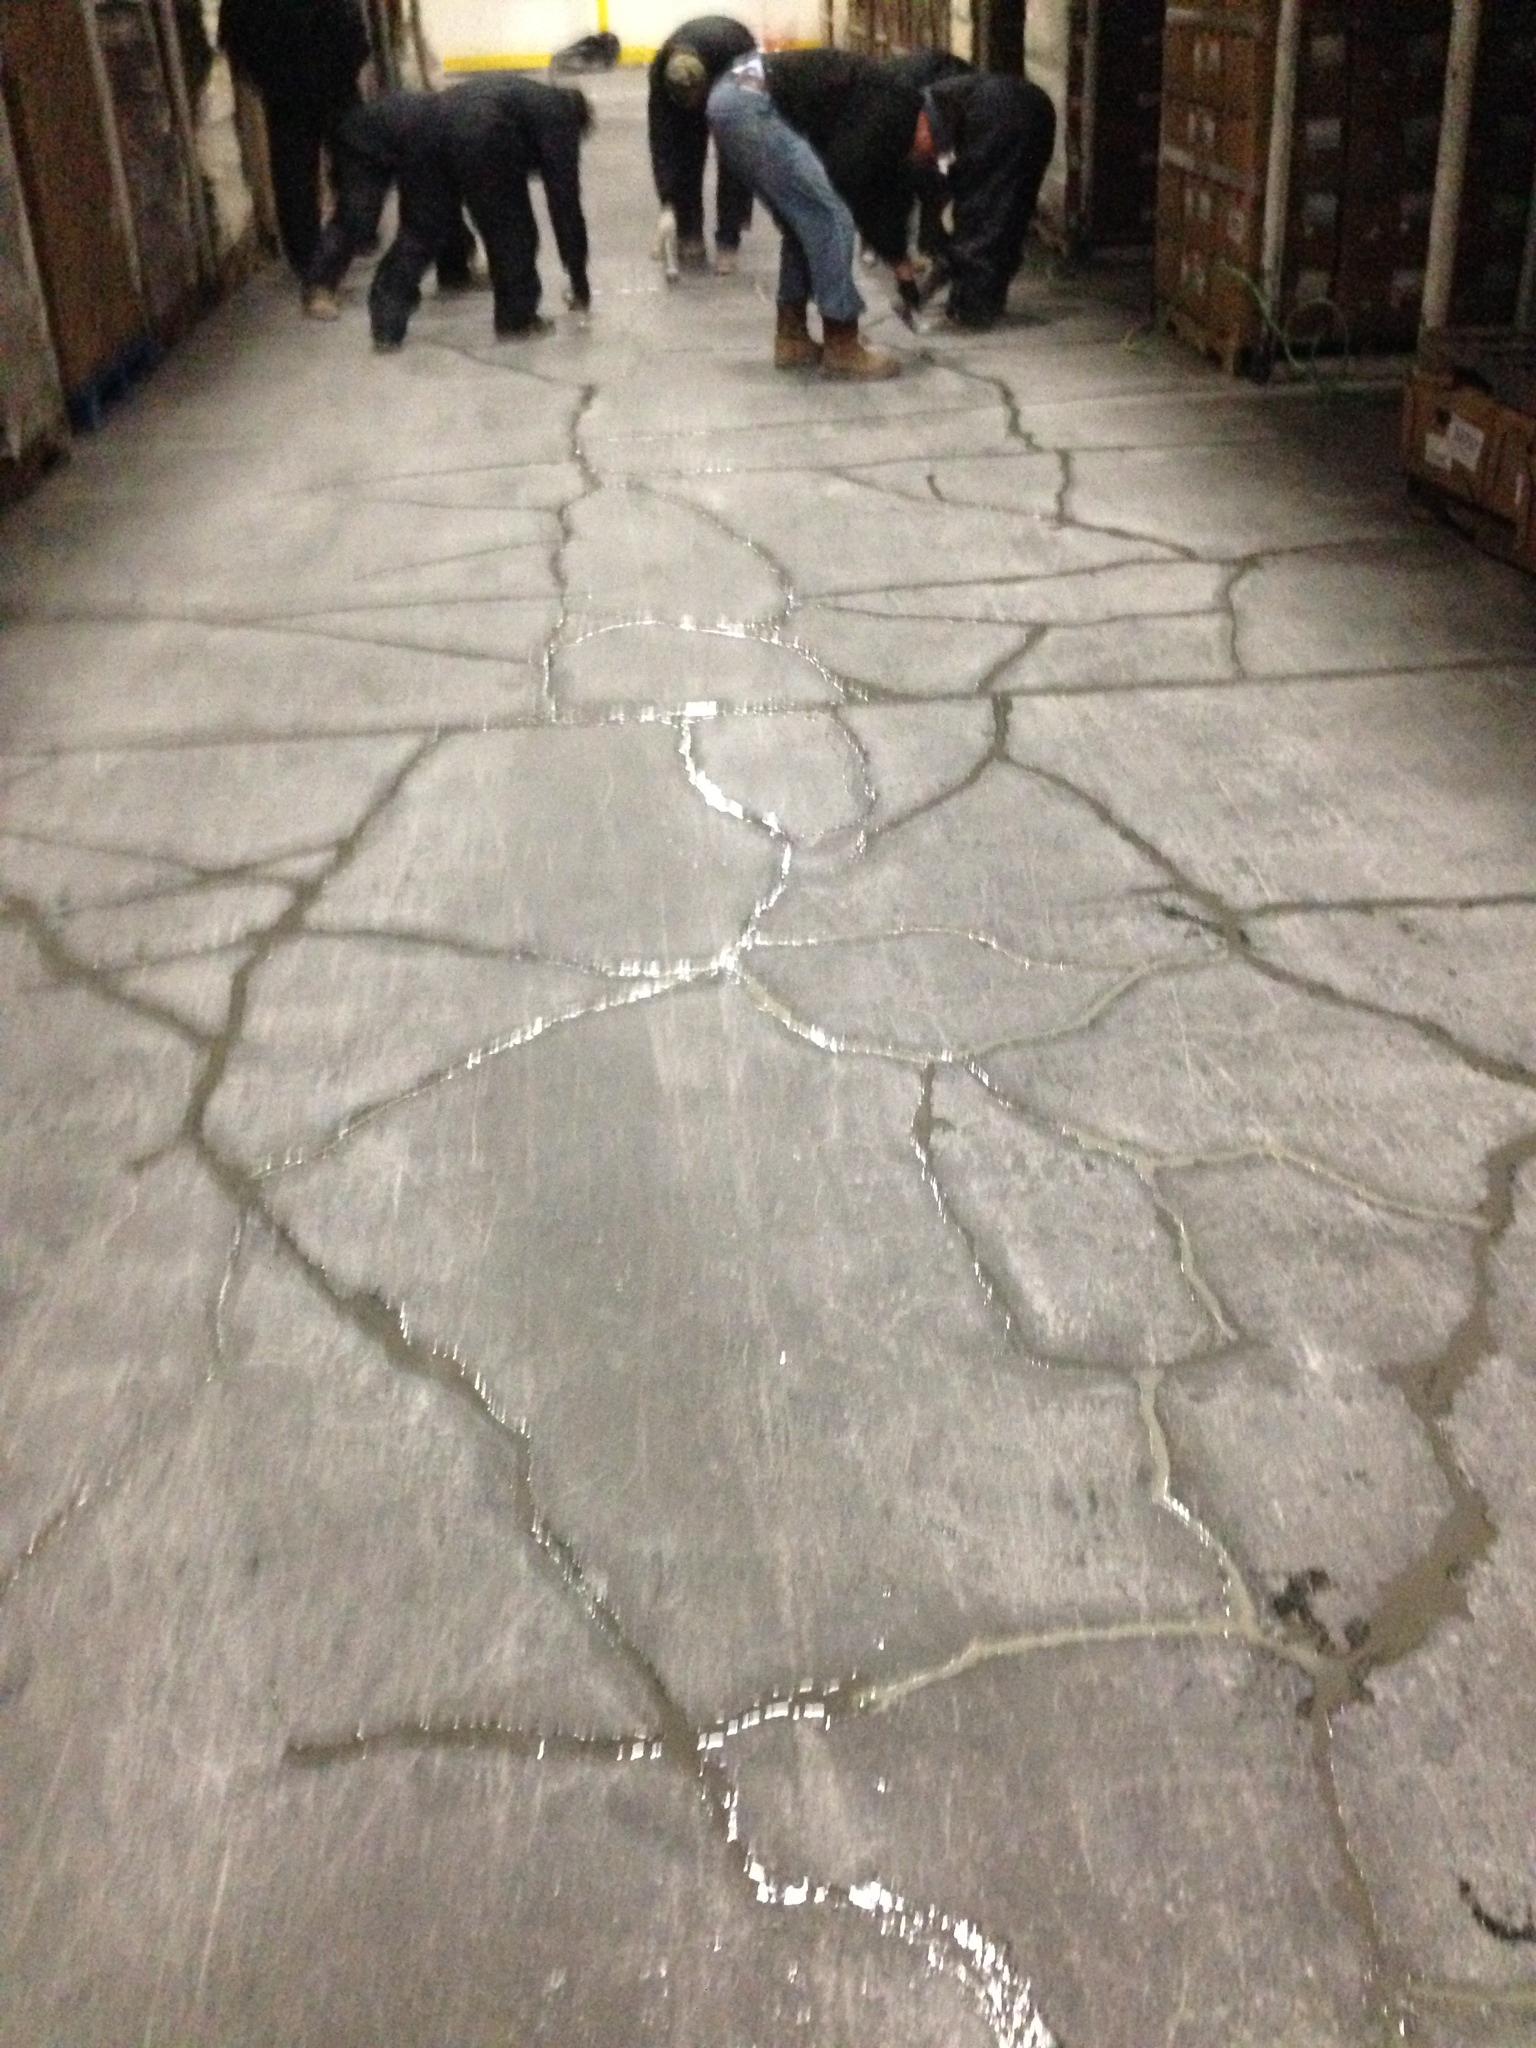 AMC freezer crack repair